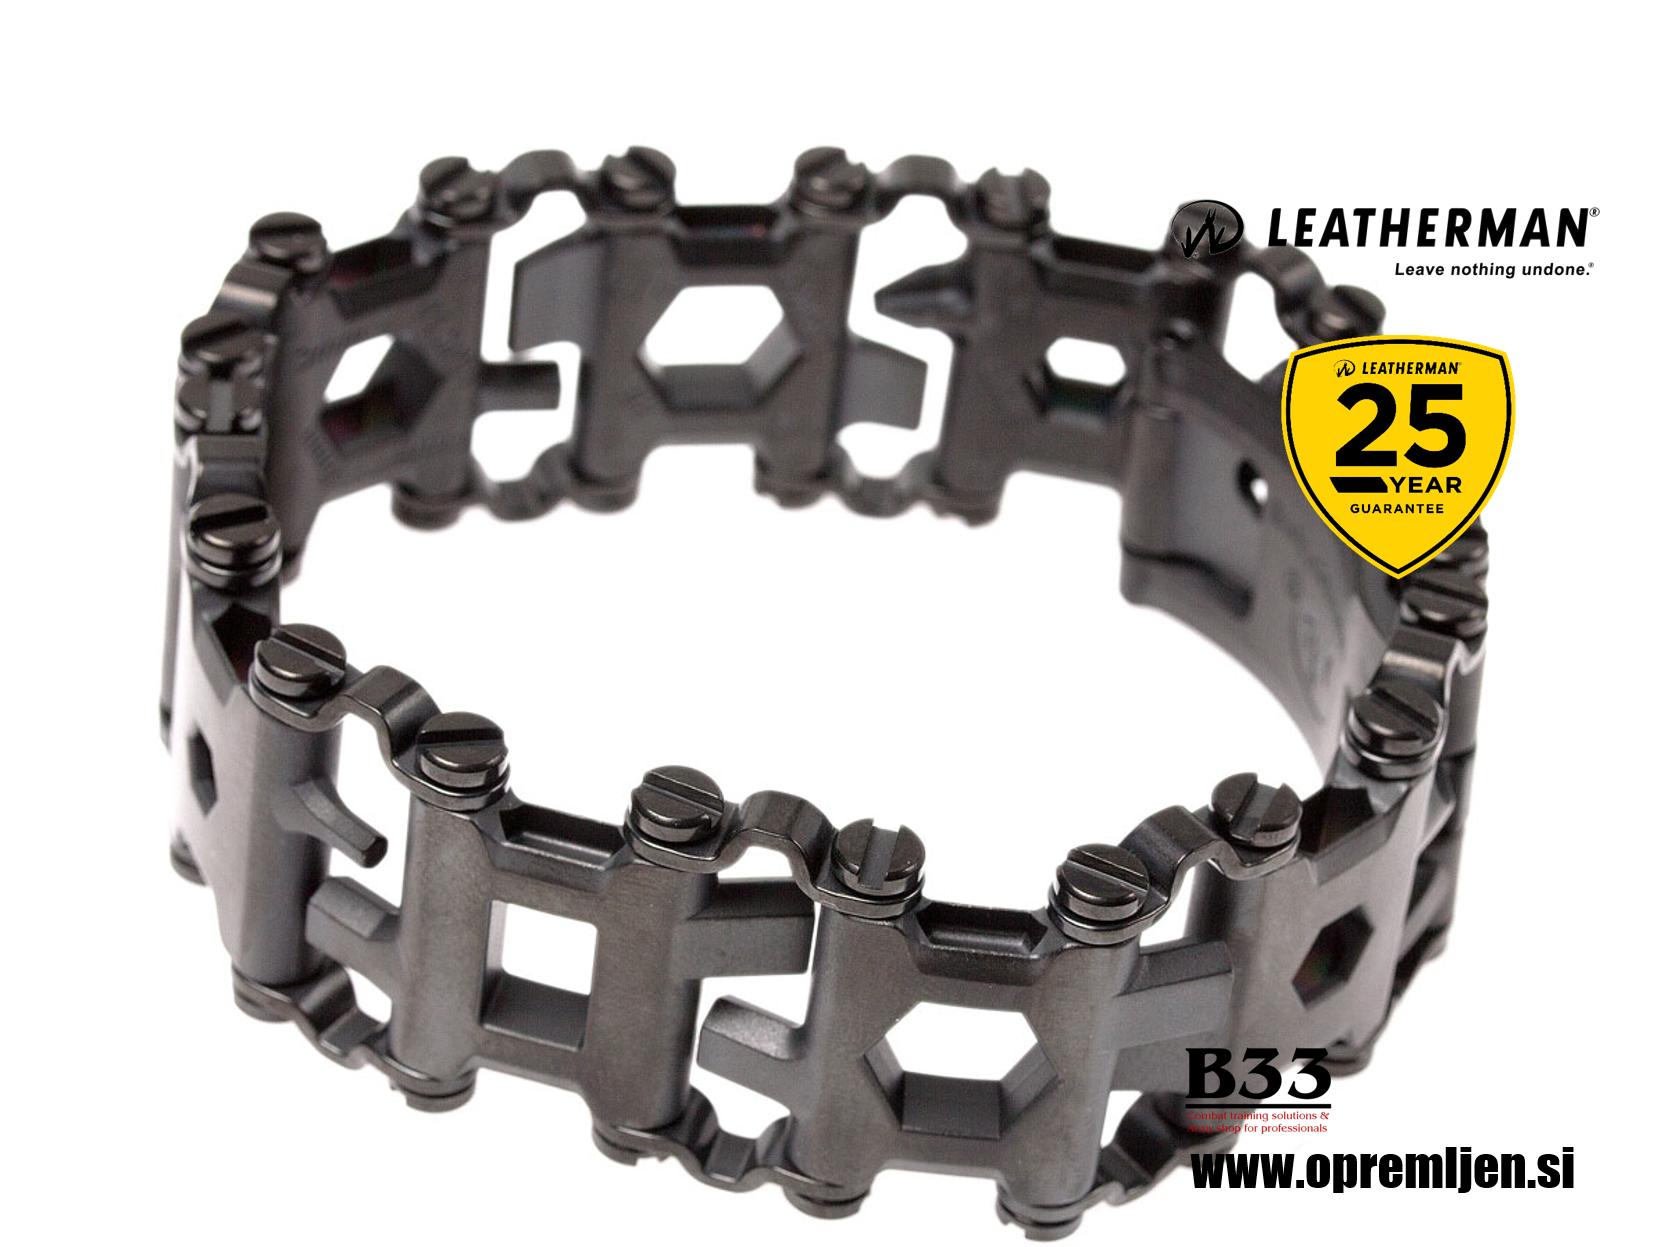 B33 army shop - Leatherman Tread zapestnica, B33 army shop at www.opremljen.si, trgovina z vojaško opremo, vojaška trgovina